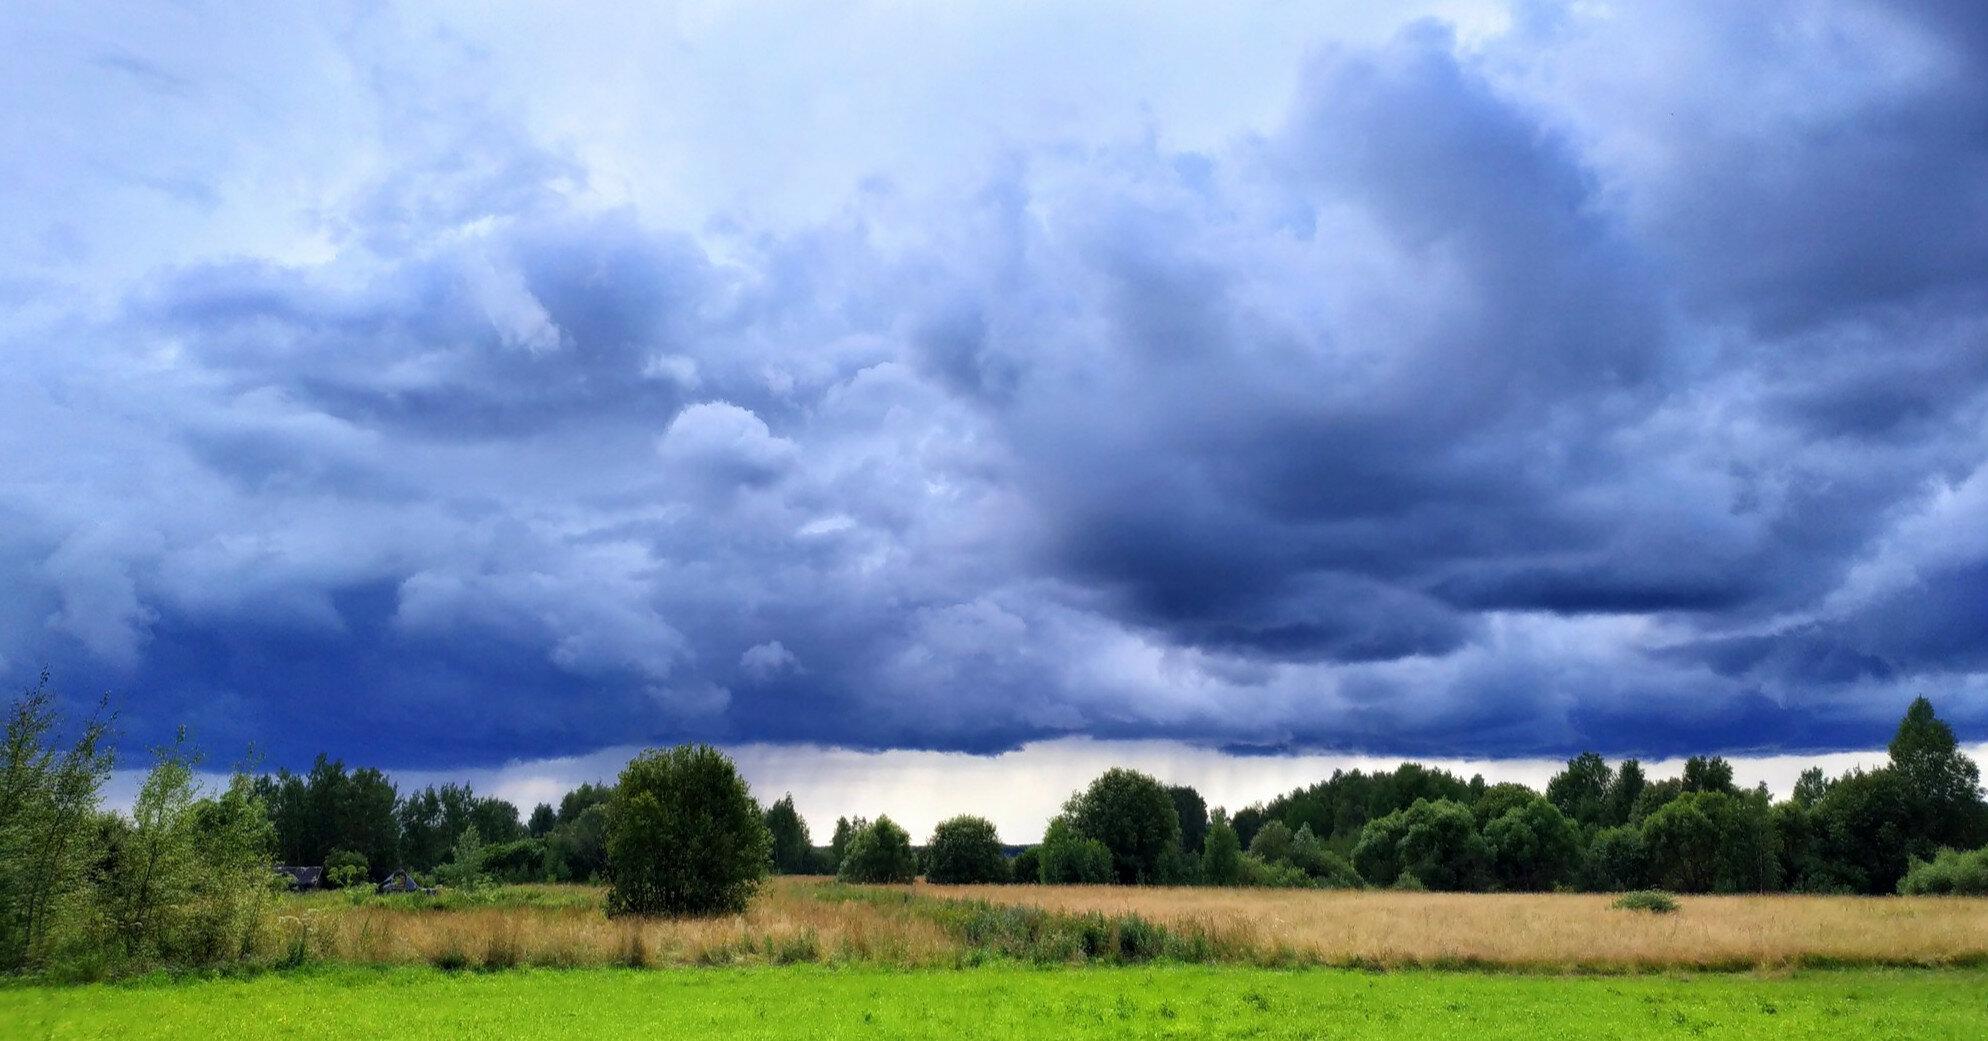 Погода на 10-11 июля: жара в субботу, гроза в воскресенье